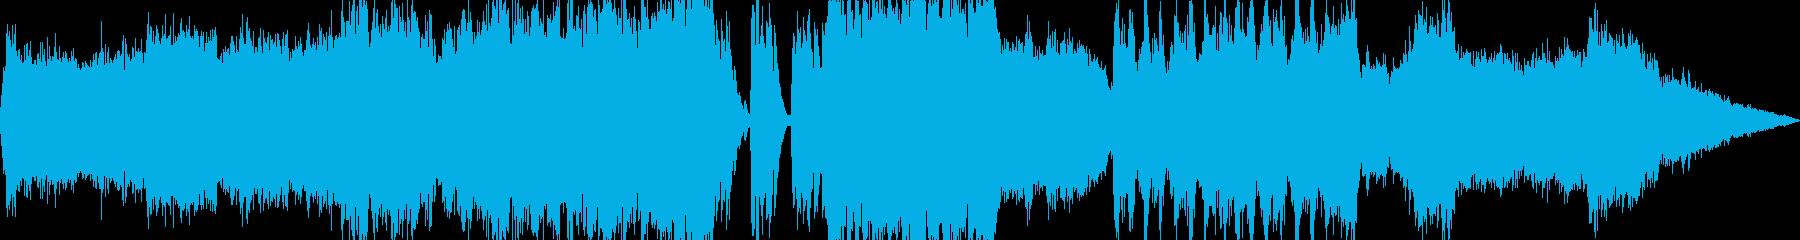 荘厳なクワイアのケルト風オーケストラの再生済みの波形